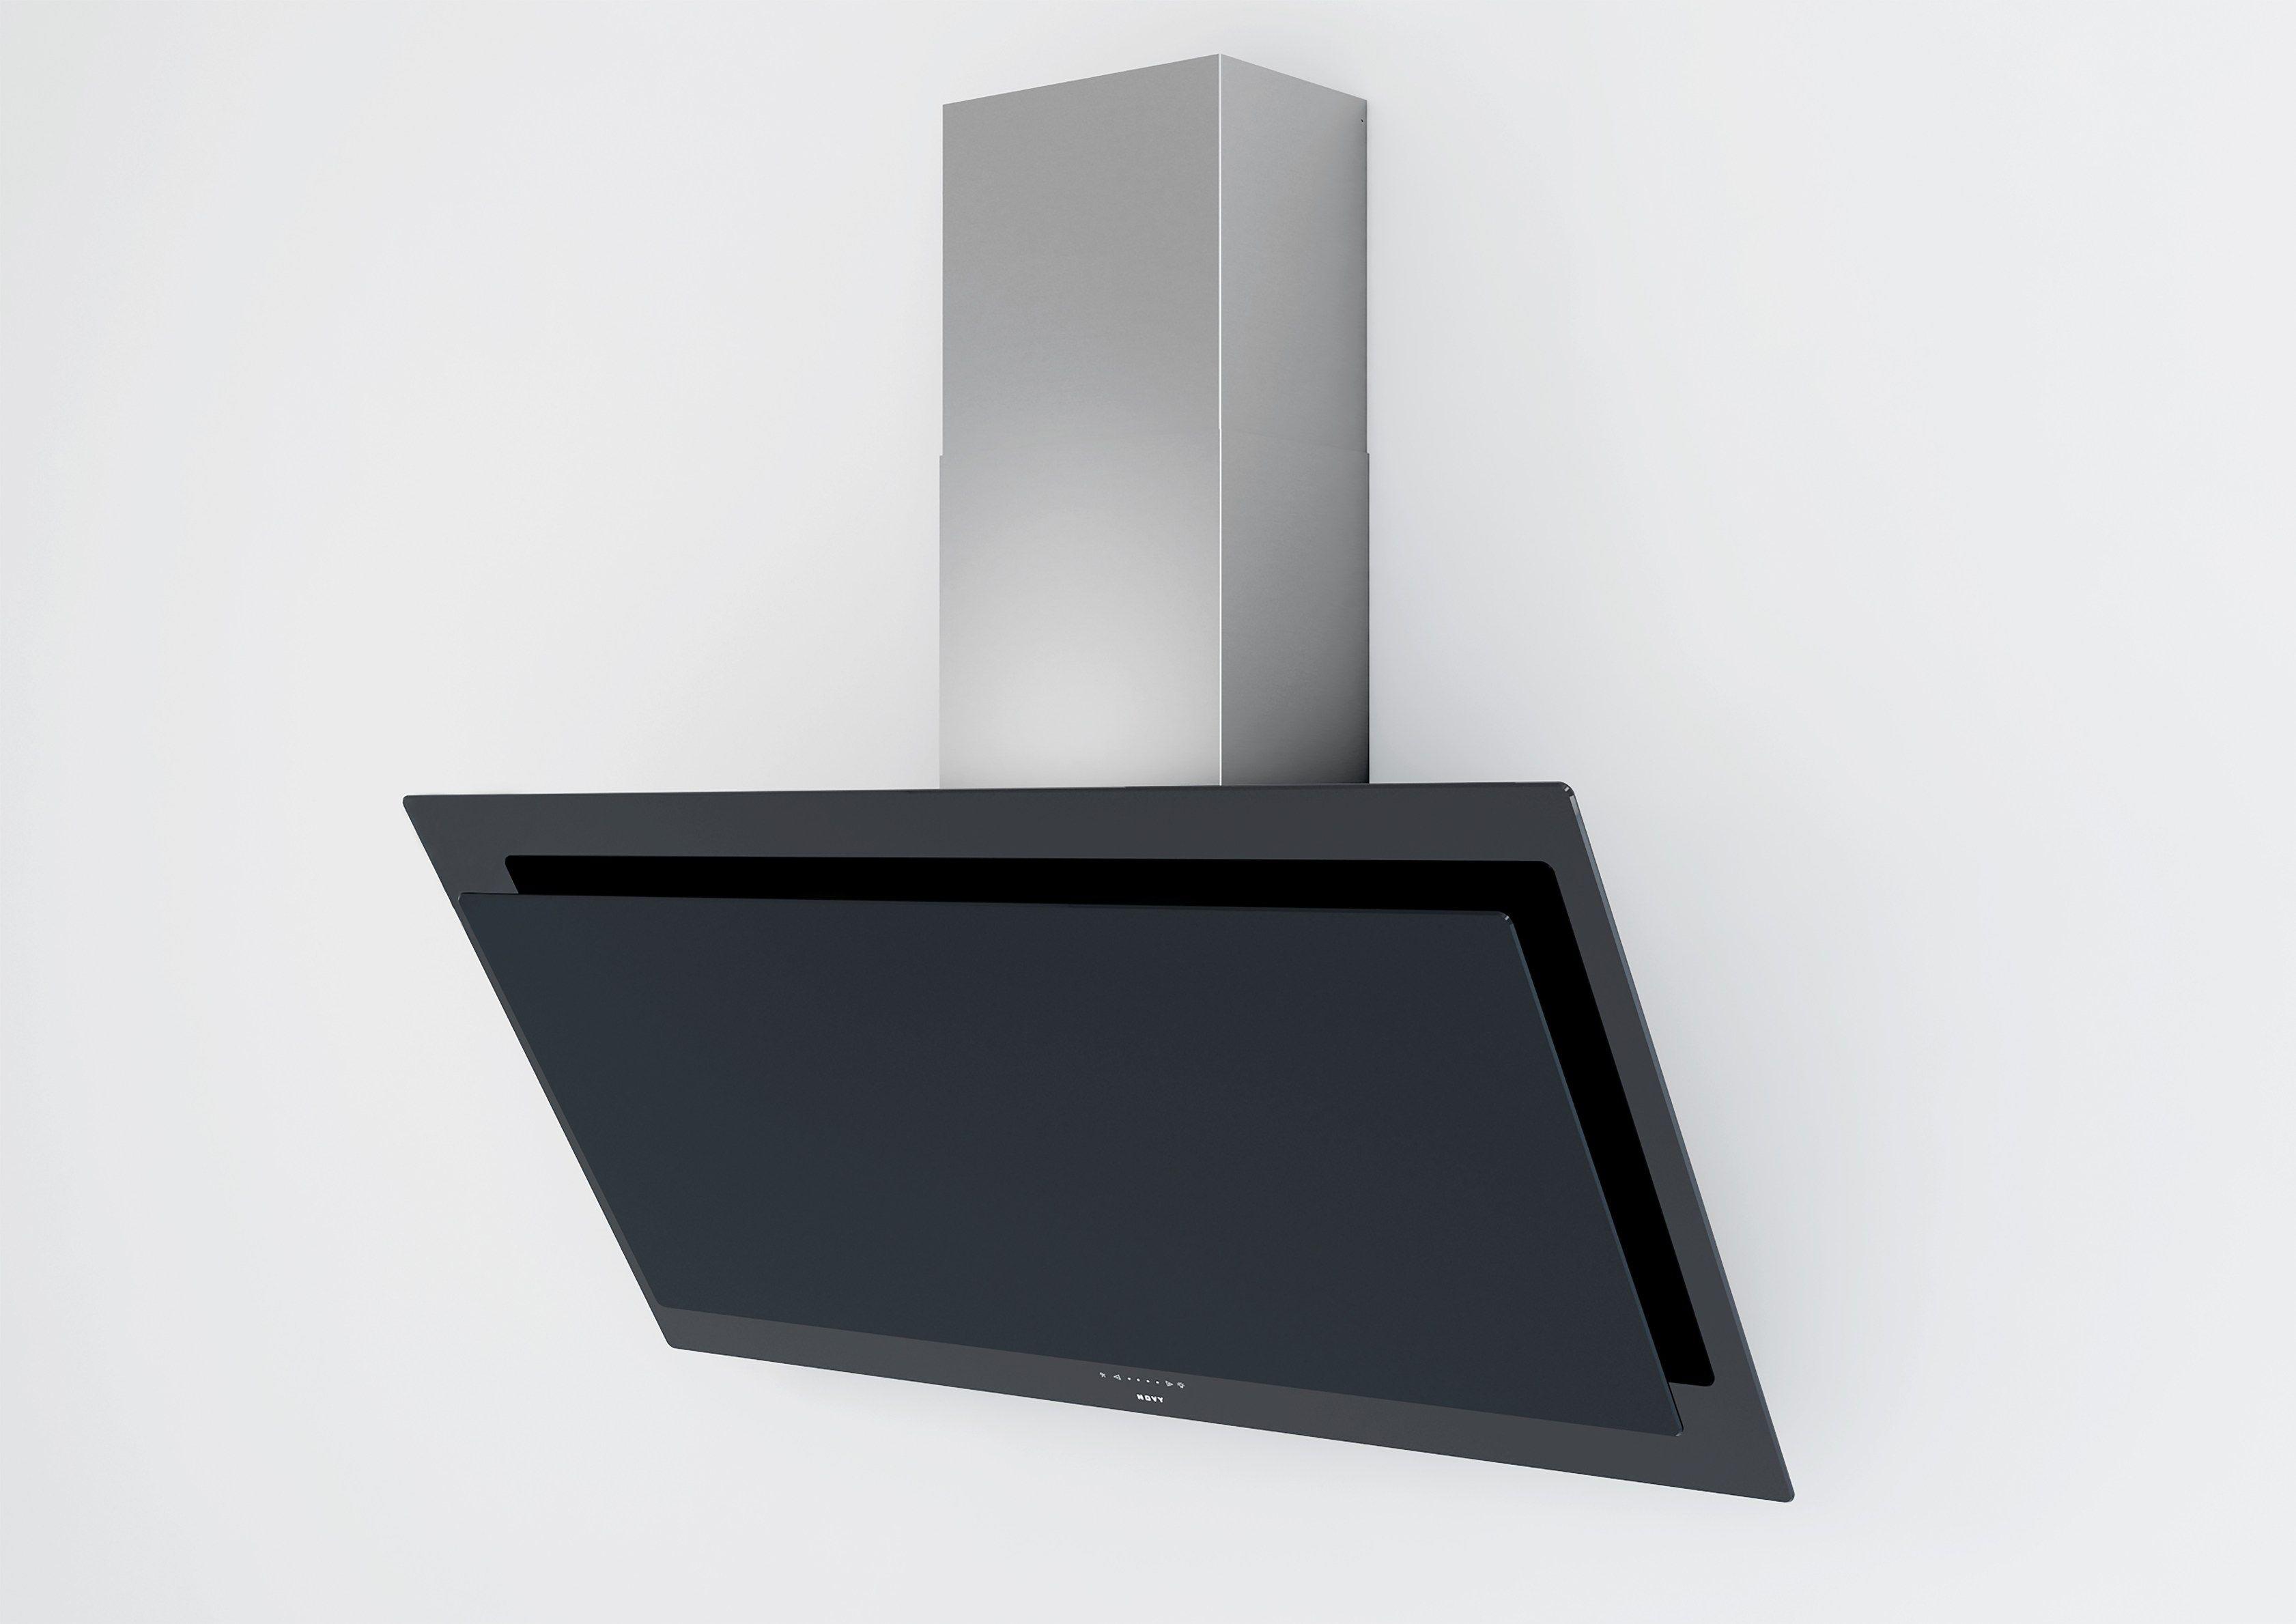 dunstabzugshaube aus glas im modernen stil zur wandmontage. Black Bedroom Furniture Sets. Home Design Ideas